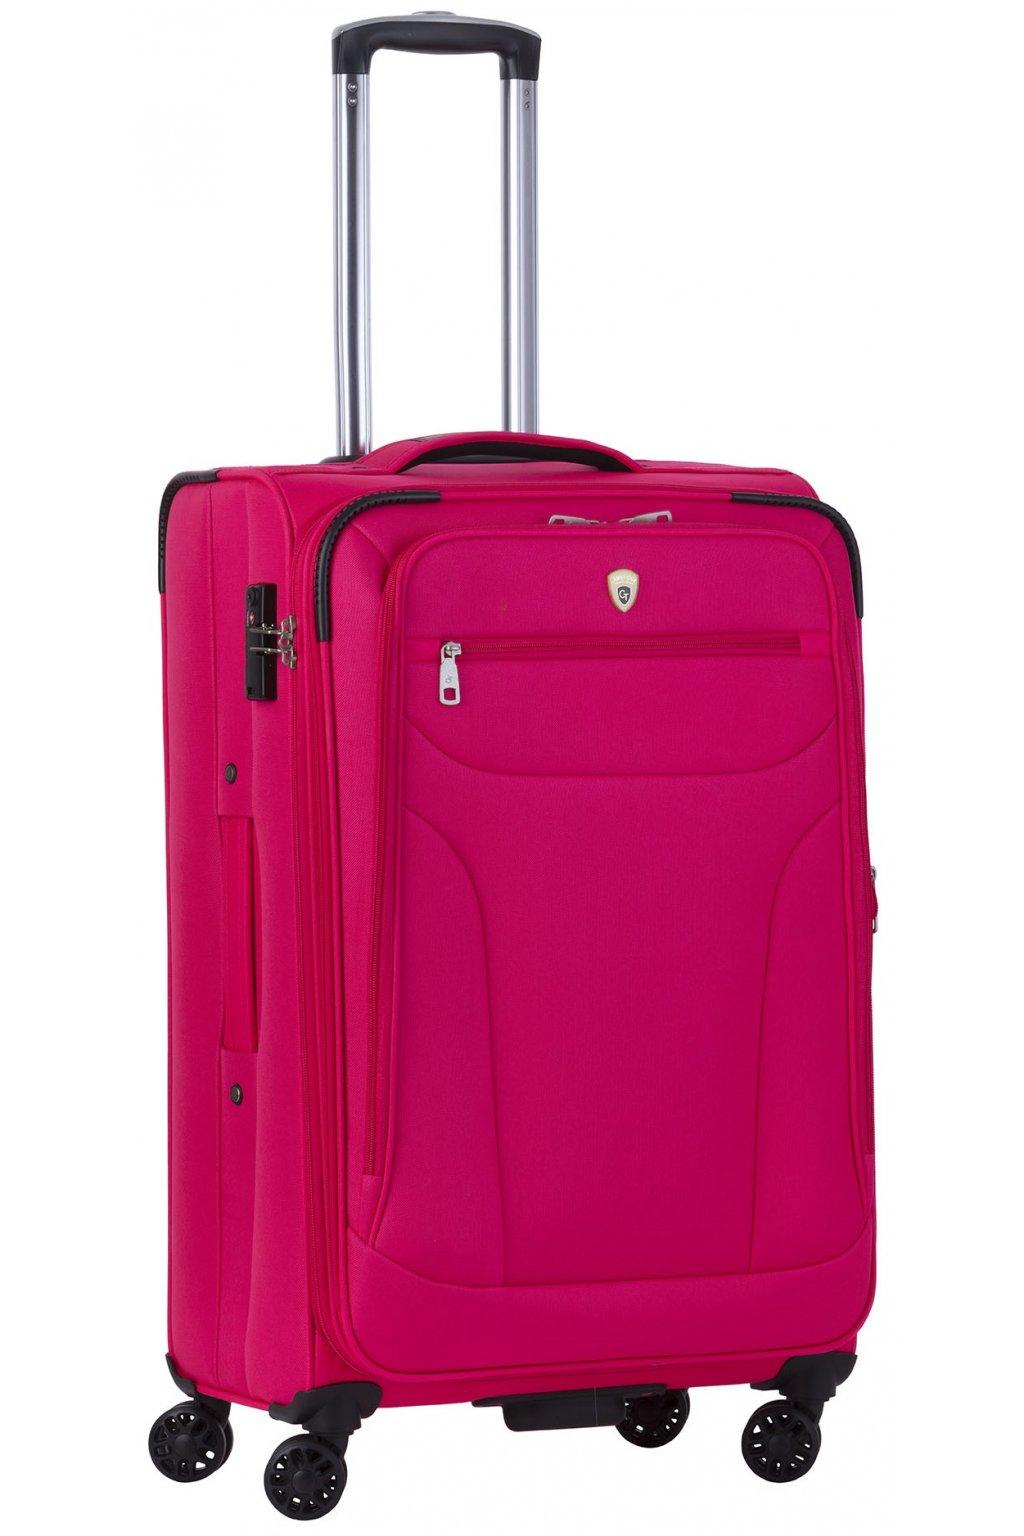 kufrland carryon cambridge pink (4)